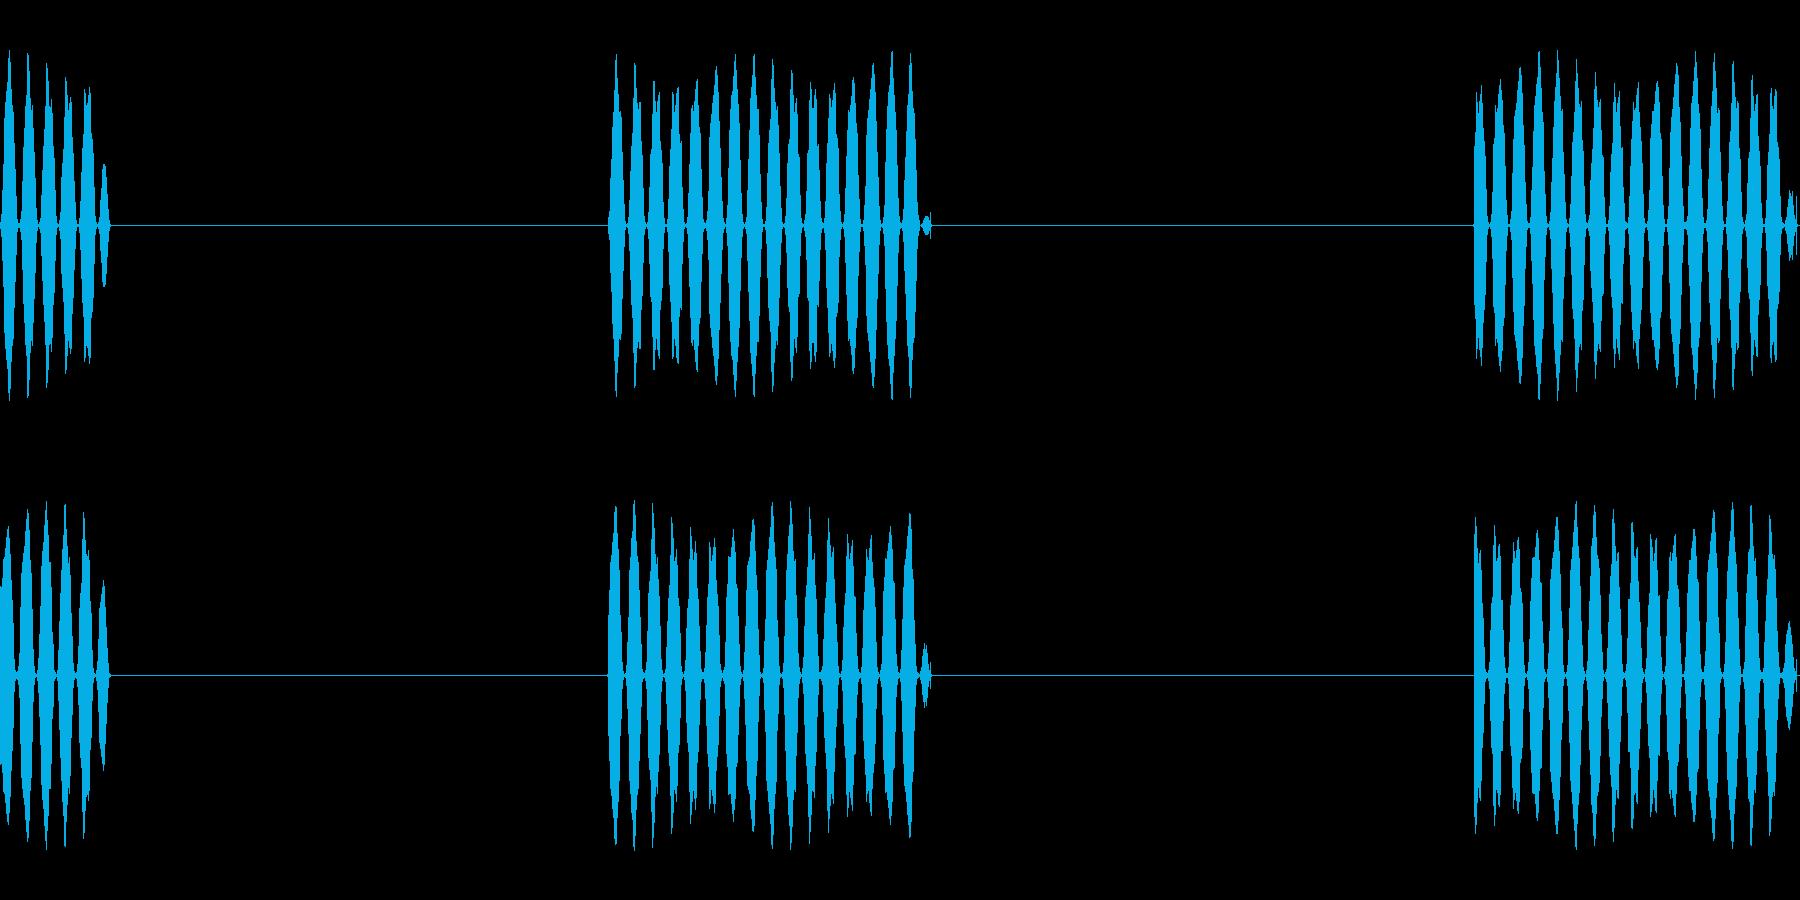 電話の呼び出し音の再生済みの波形